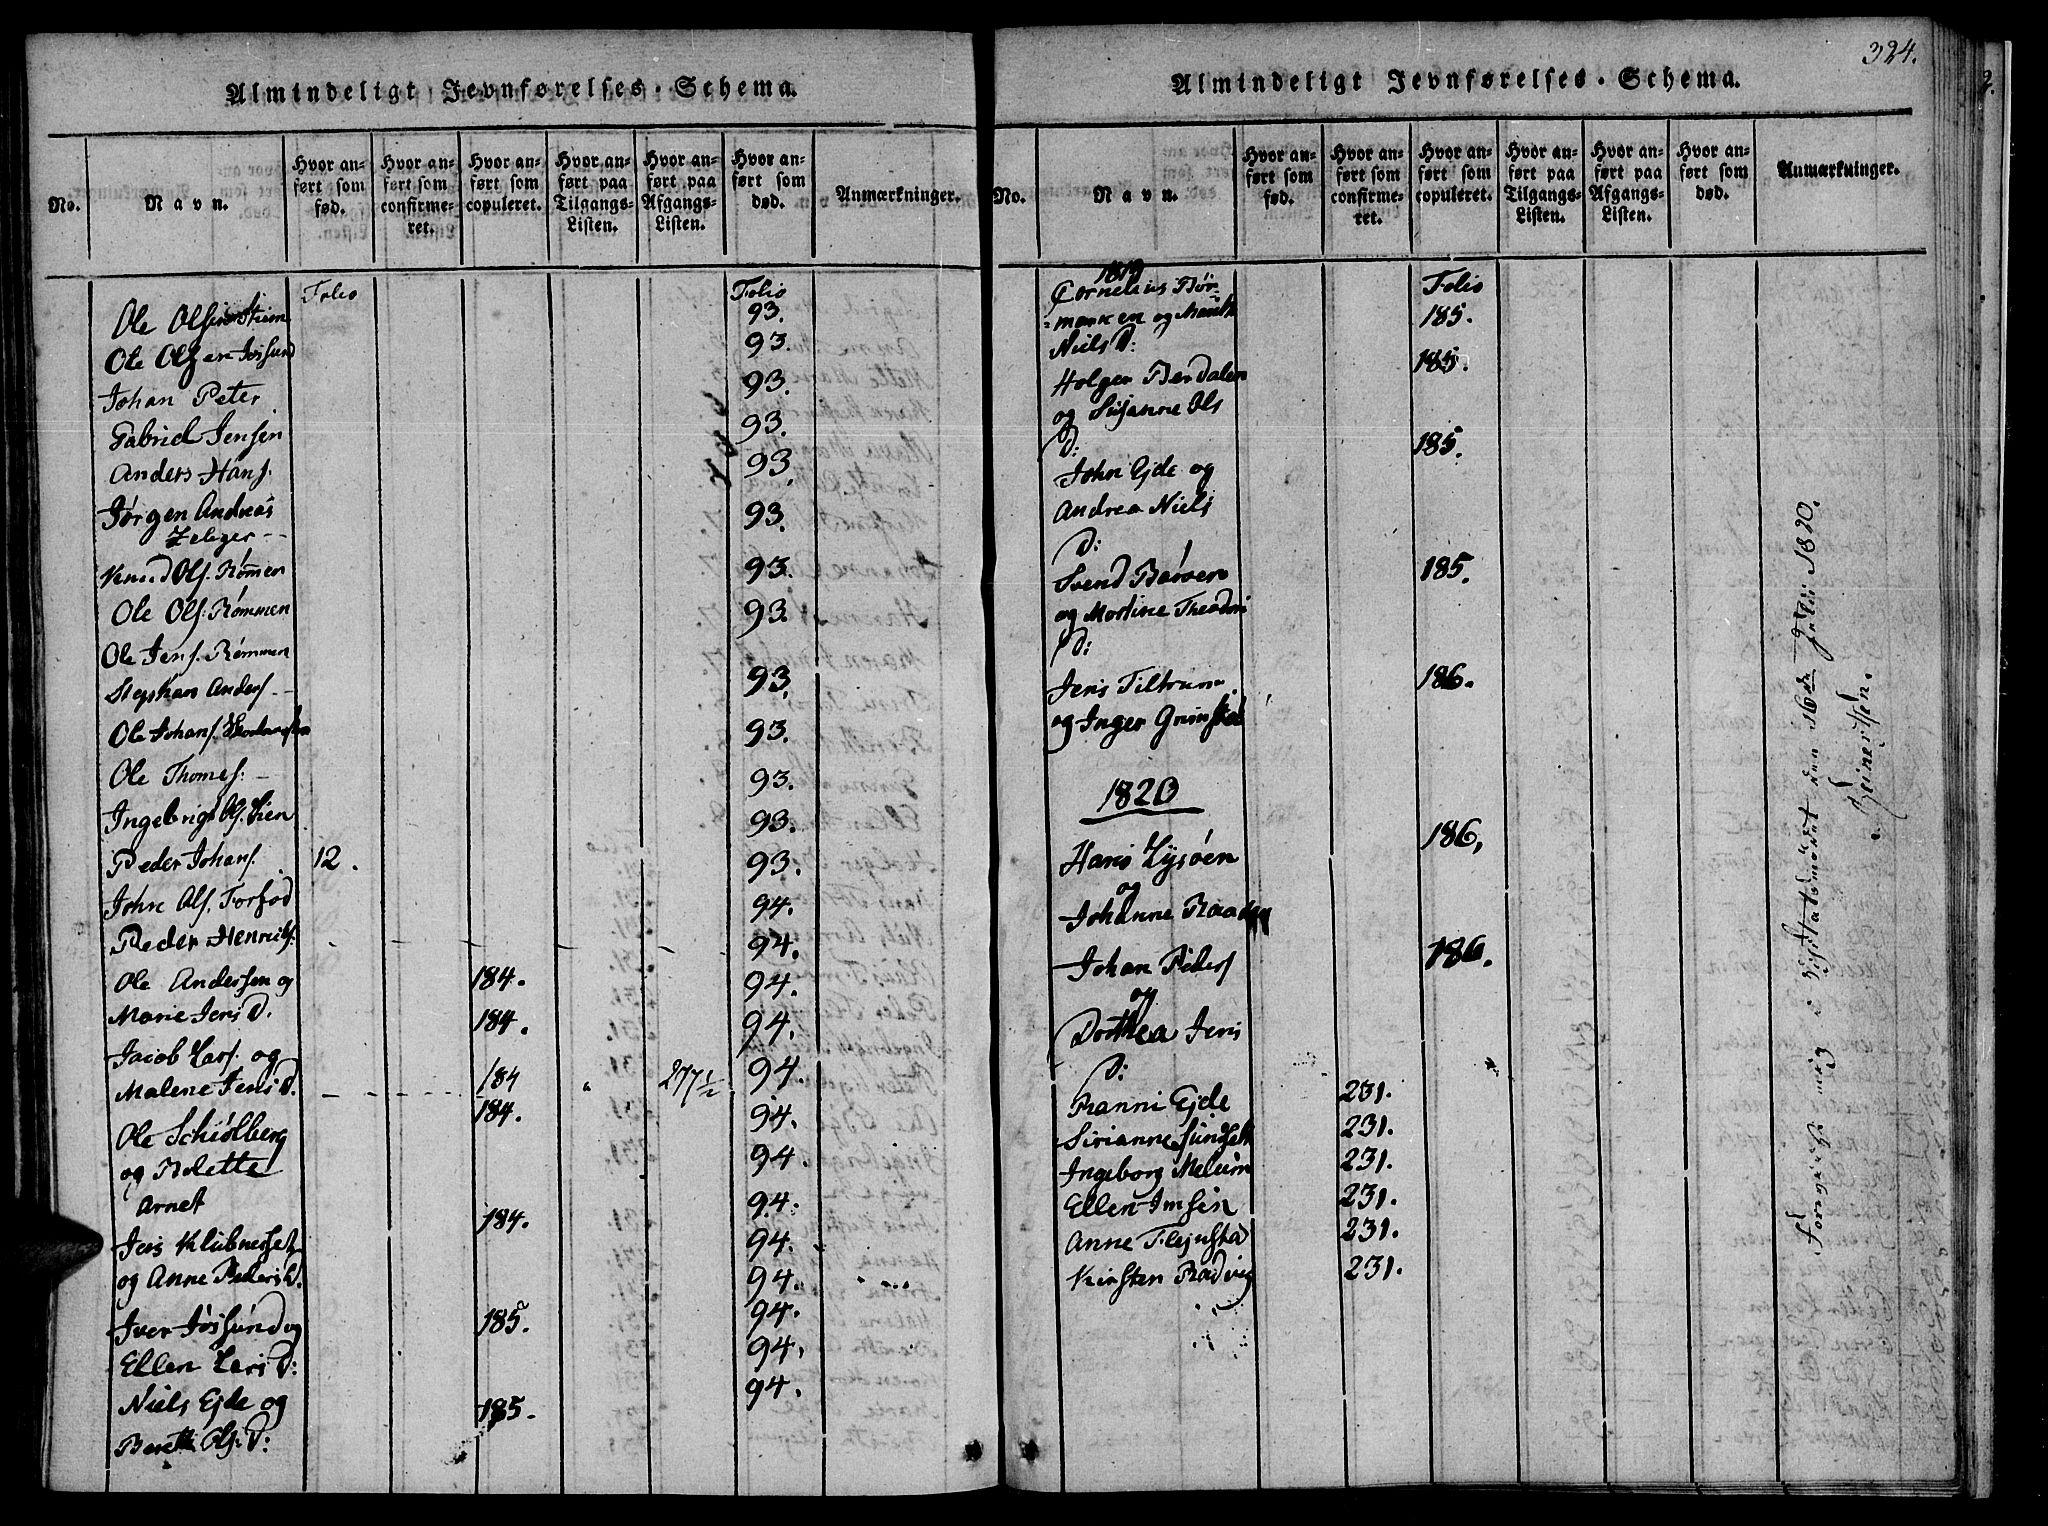 SAT, Ministerialprotokoller, klokkerbøker og fødselsregistre - Sør-Trøndelag, 655/L0675: Ministerialbok nr. 655A04, 1818-1830, s. 324